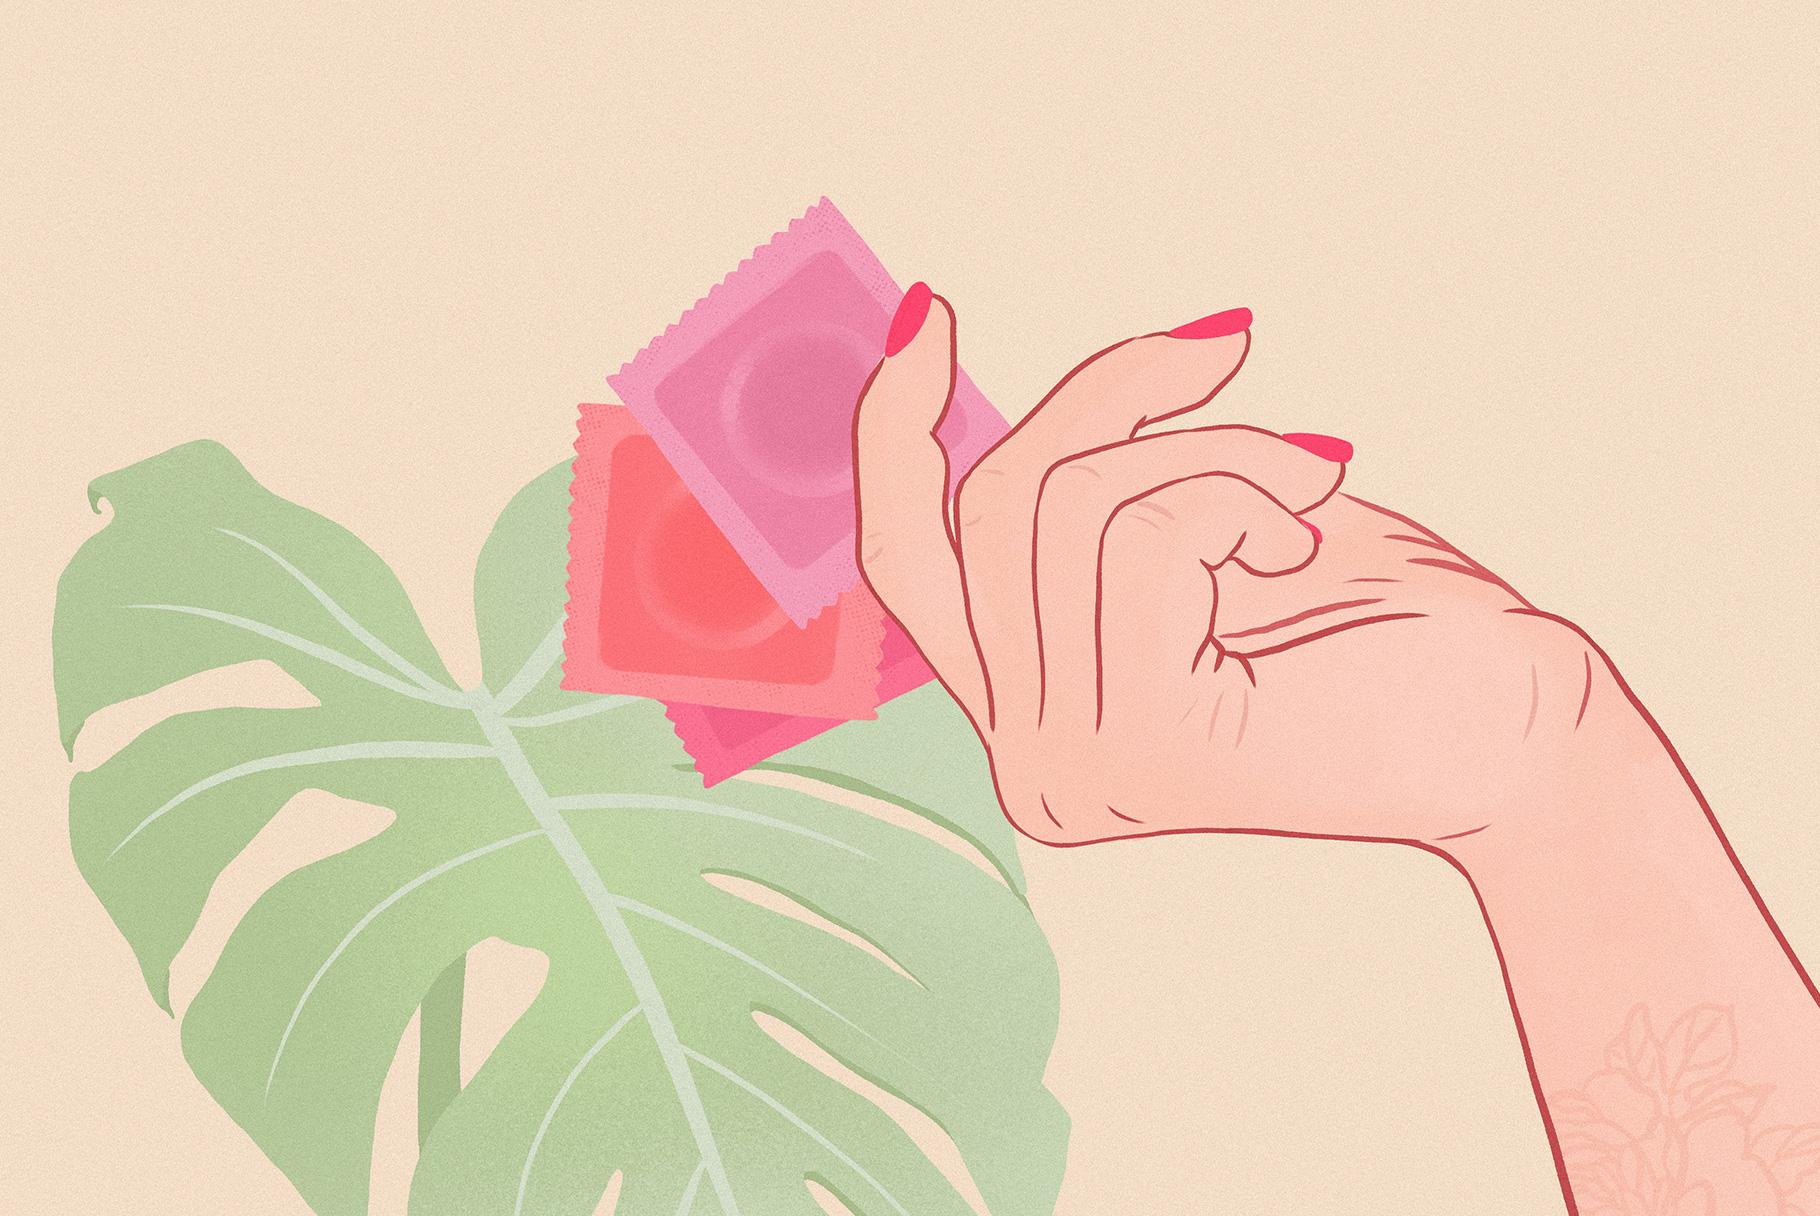 Jakie prezerwatywy wybrać oraz jak ich prawidłowo używać? | Poradnik